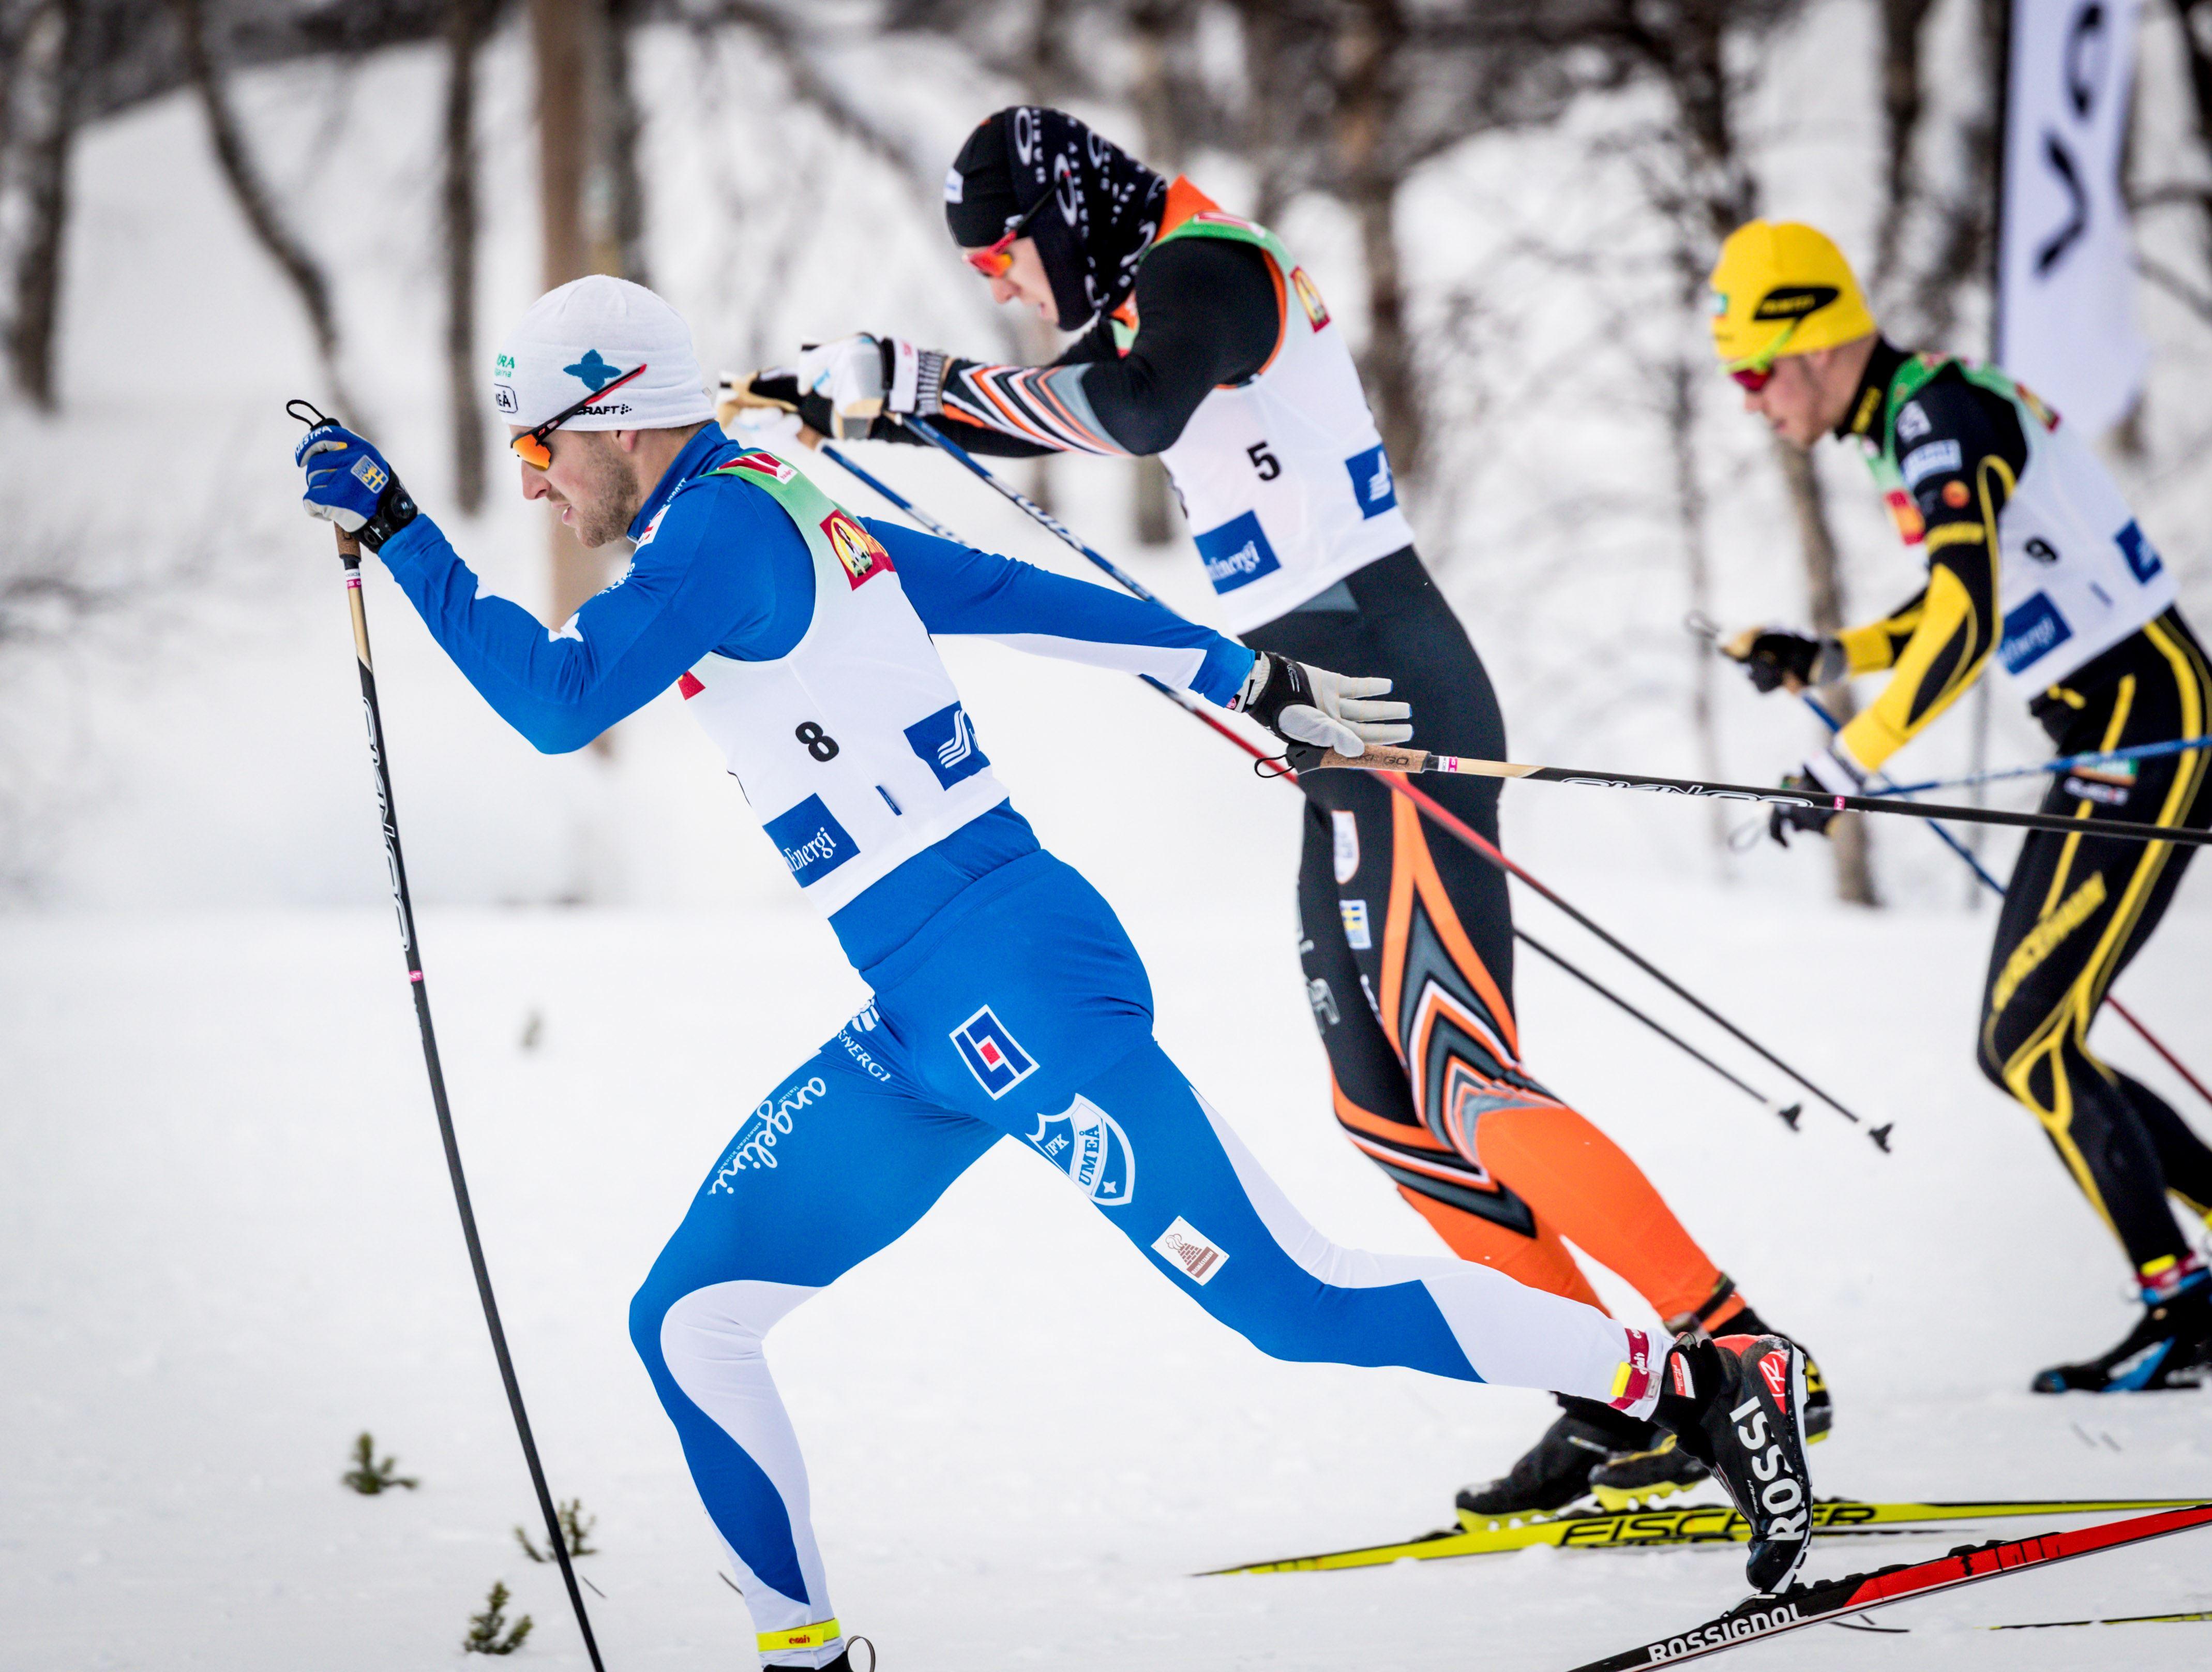 Jocke Lagercrantz, Sprintstart på Bruksvallsloppet